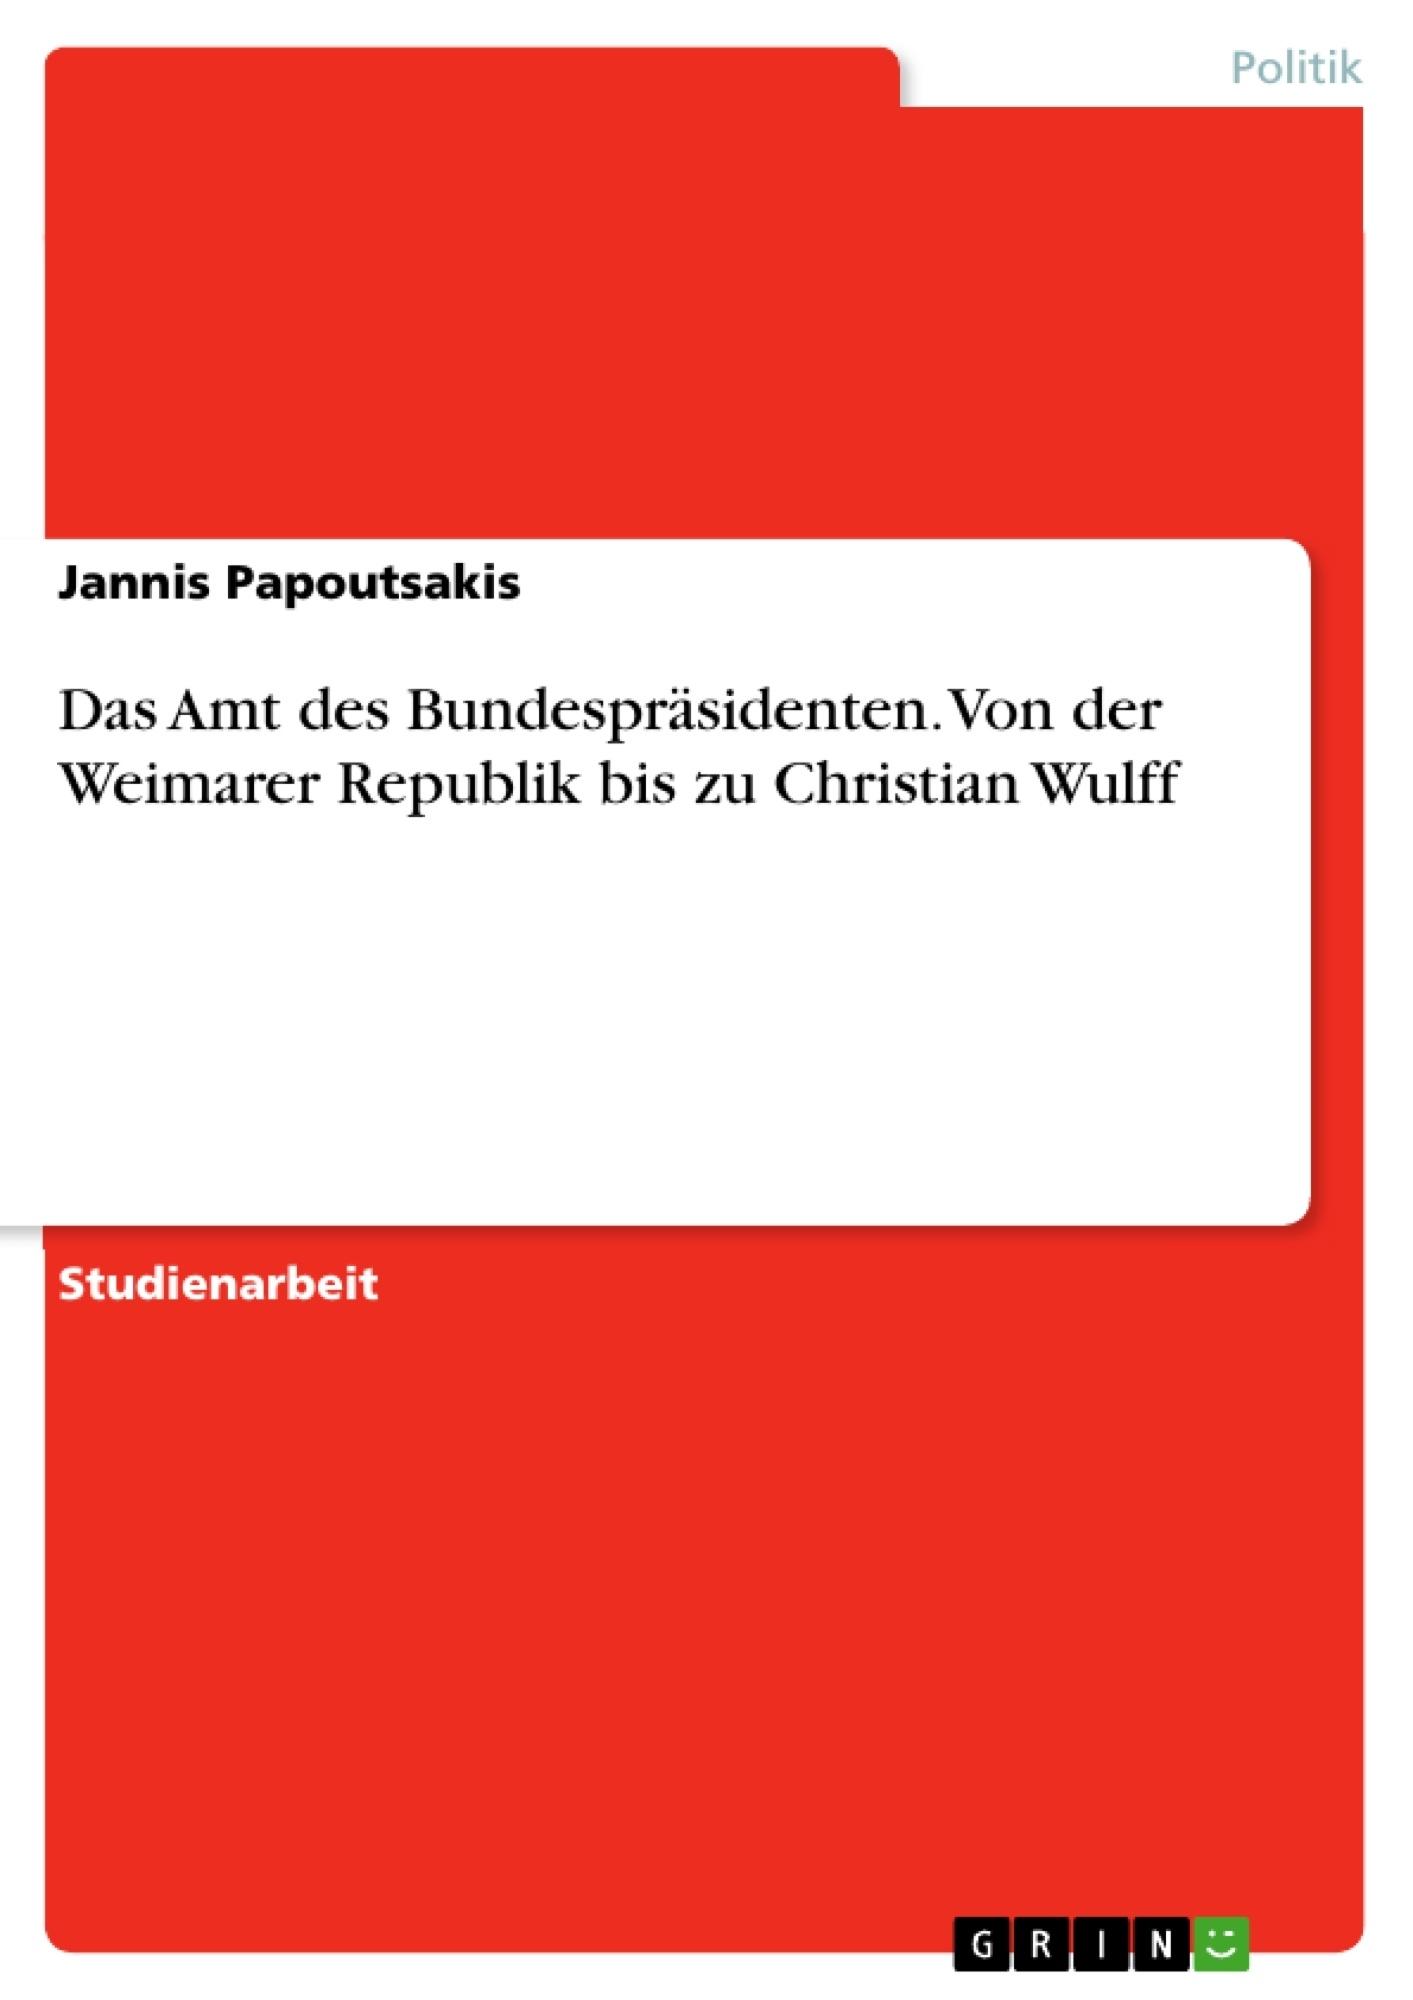 Titel: Das Amt des Bundespräsidenten. Von der Weimarer Republik bis zu Christian Wulff